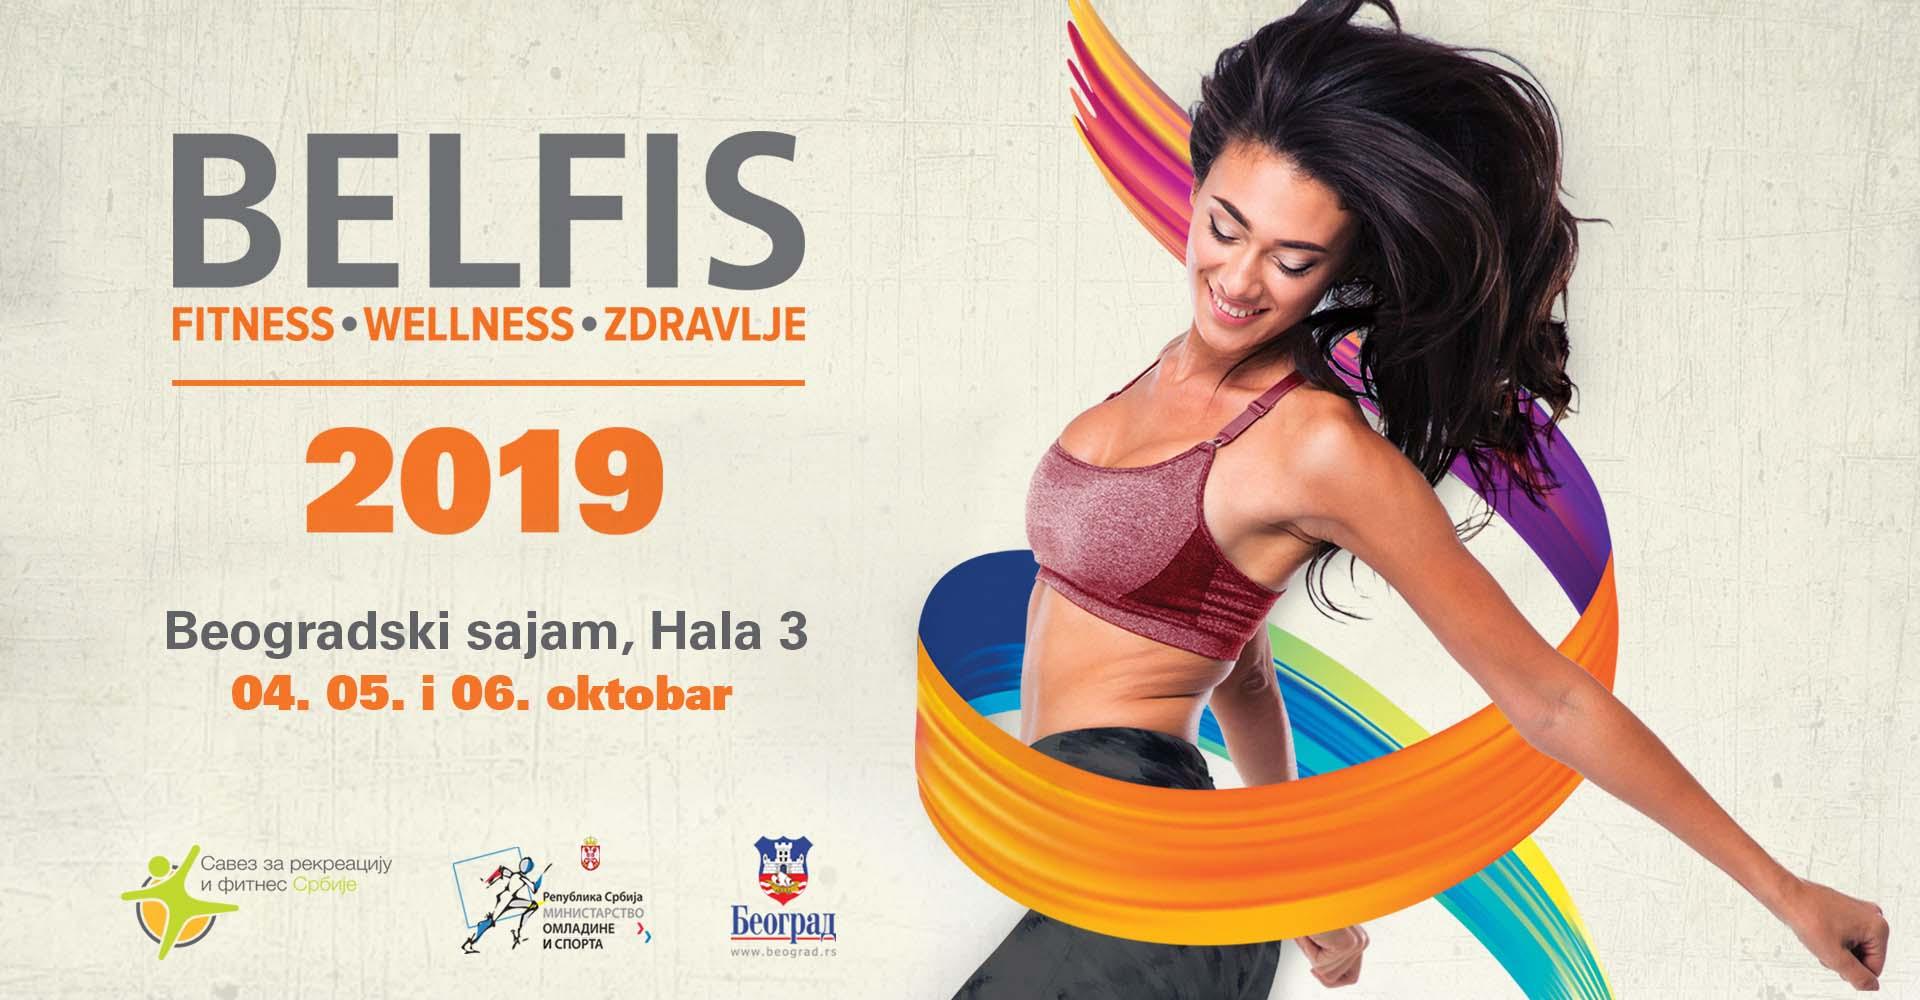 Sajam fitness-a, wellness-a i zdravlja u Beogradu: Belfis 2019.